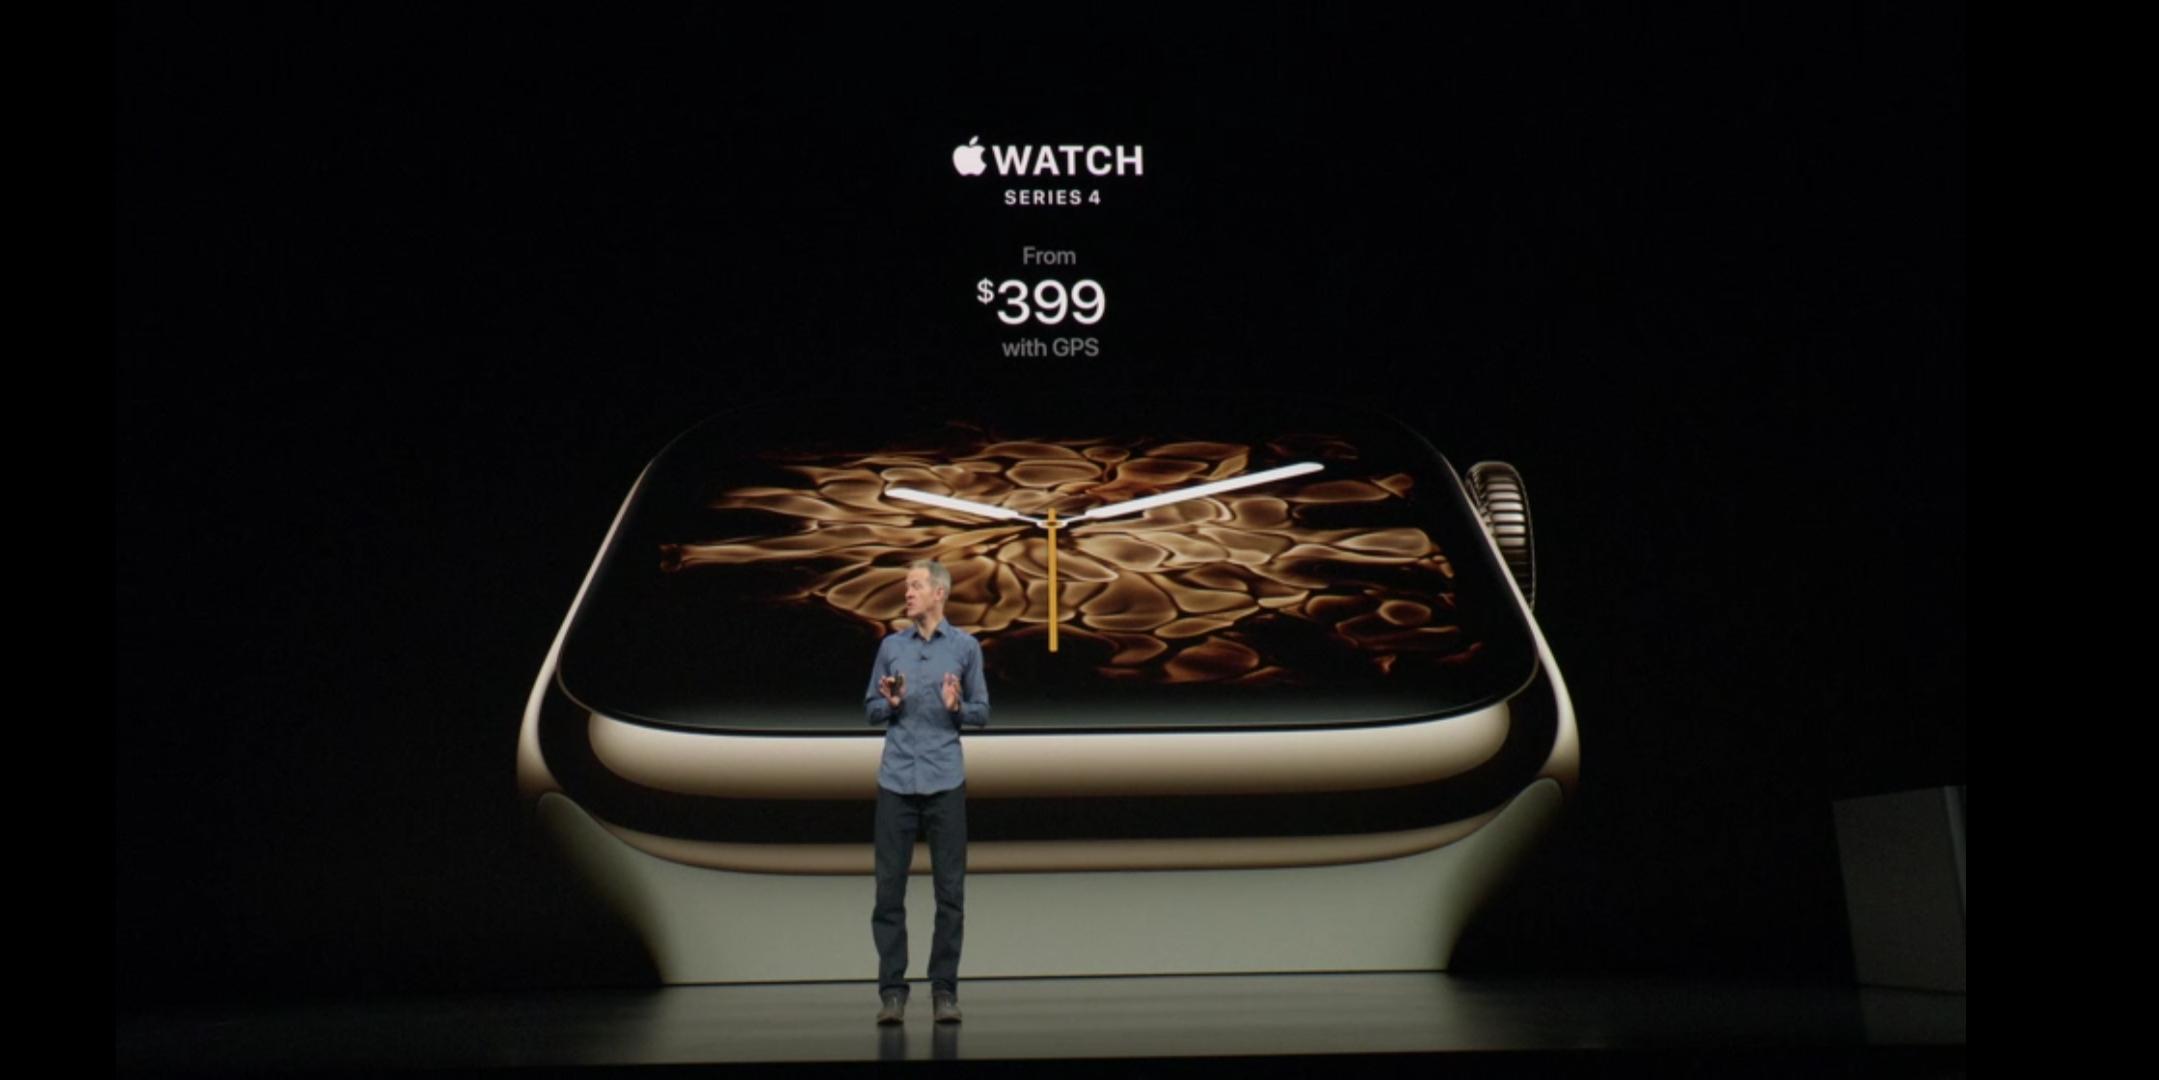 Le jeu des sept erreurs entre l'Apple Watch4 et Series3